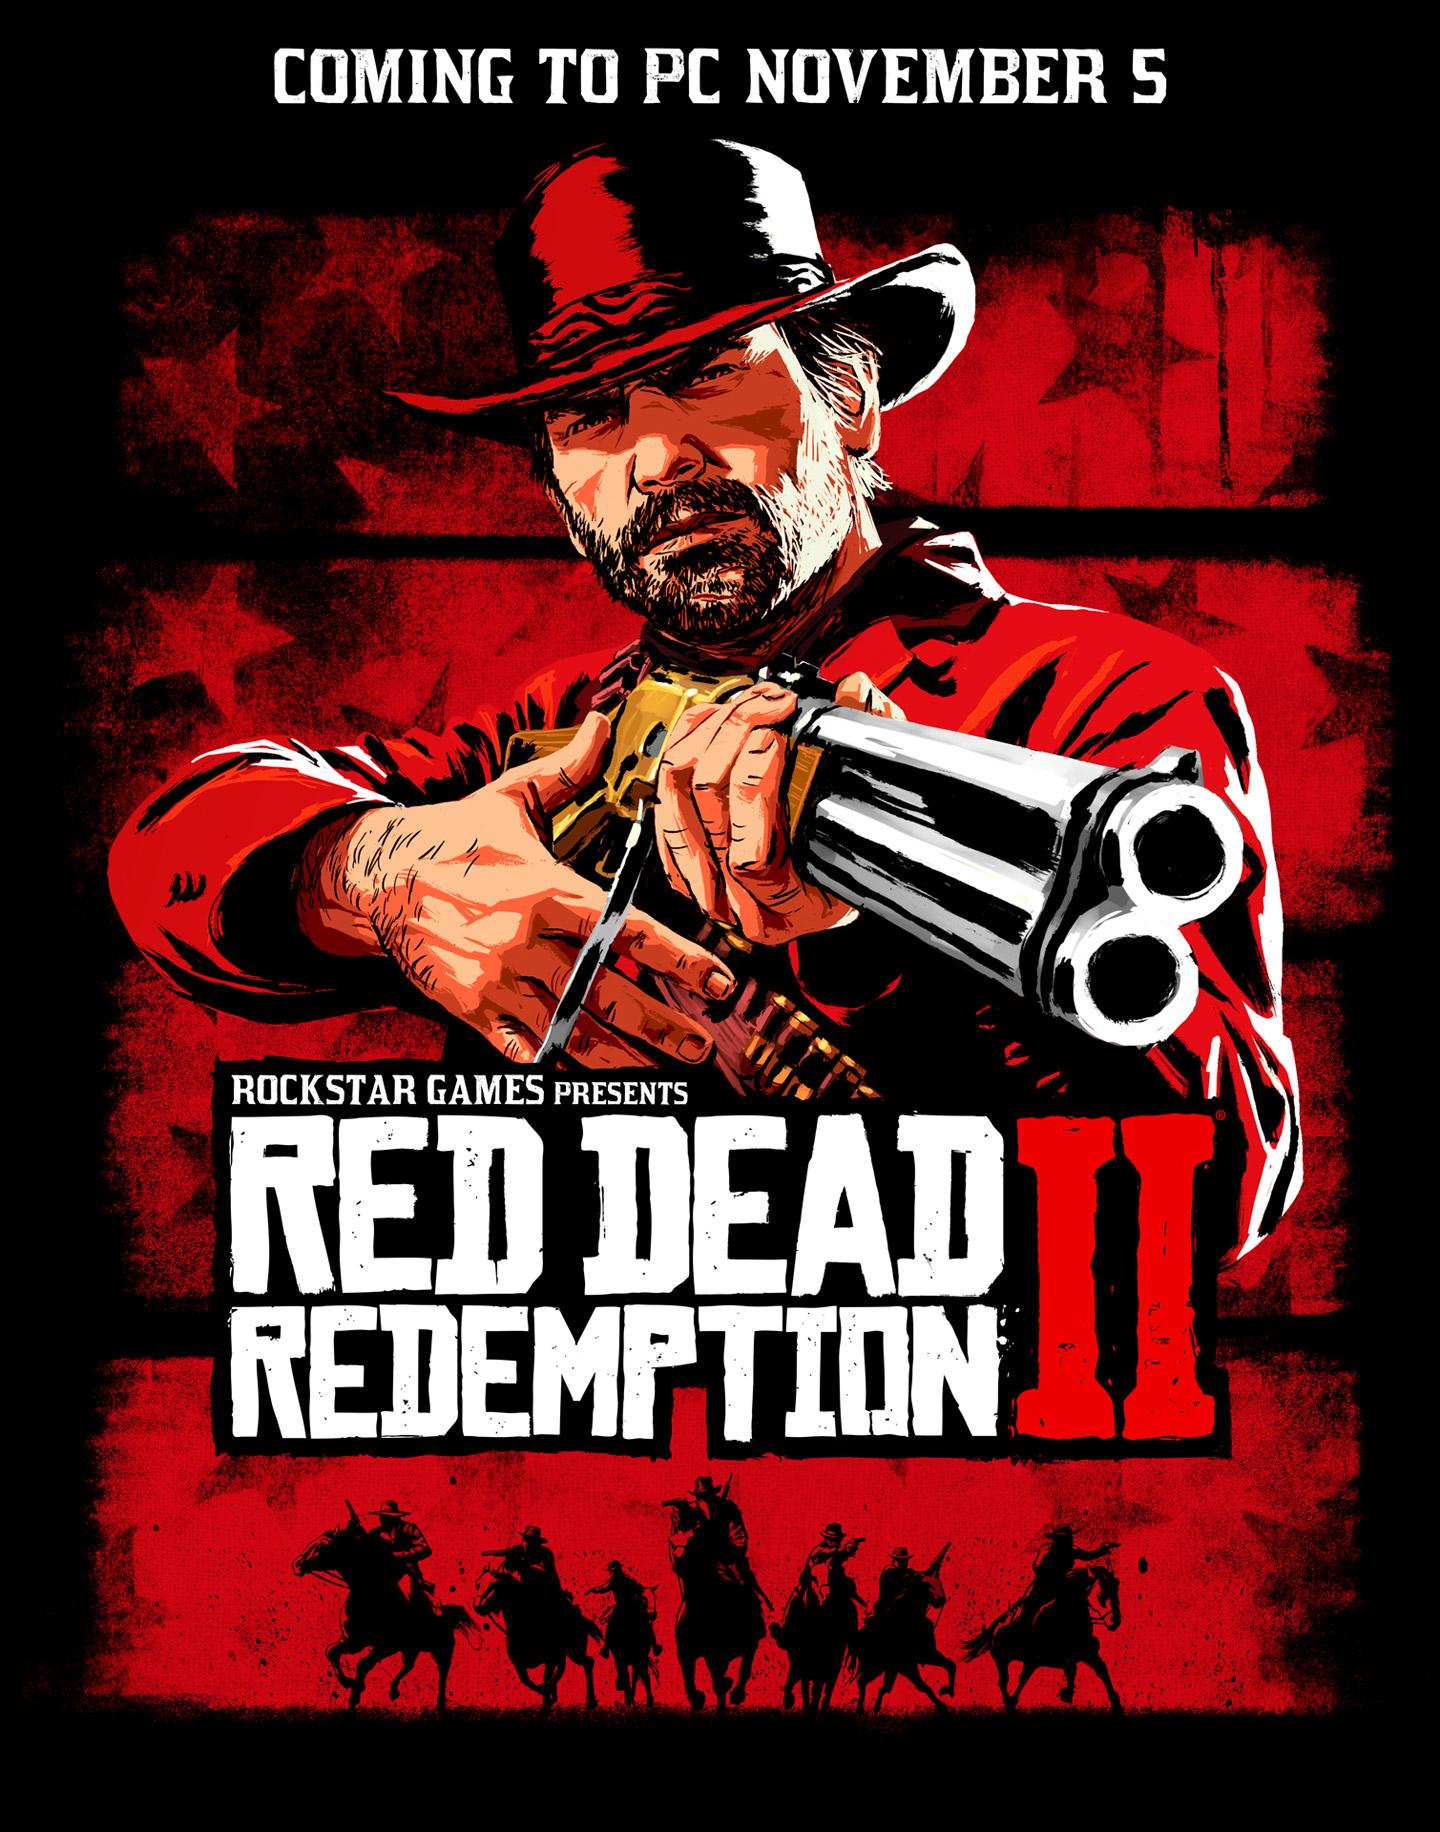 Red Dead Redemption 2 - PC Announcement